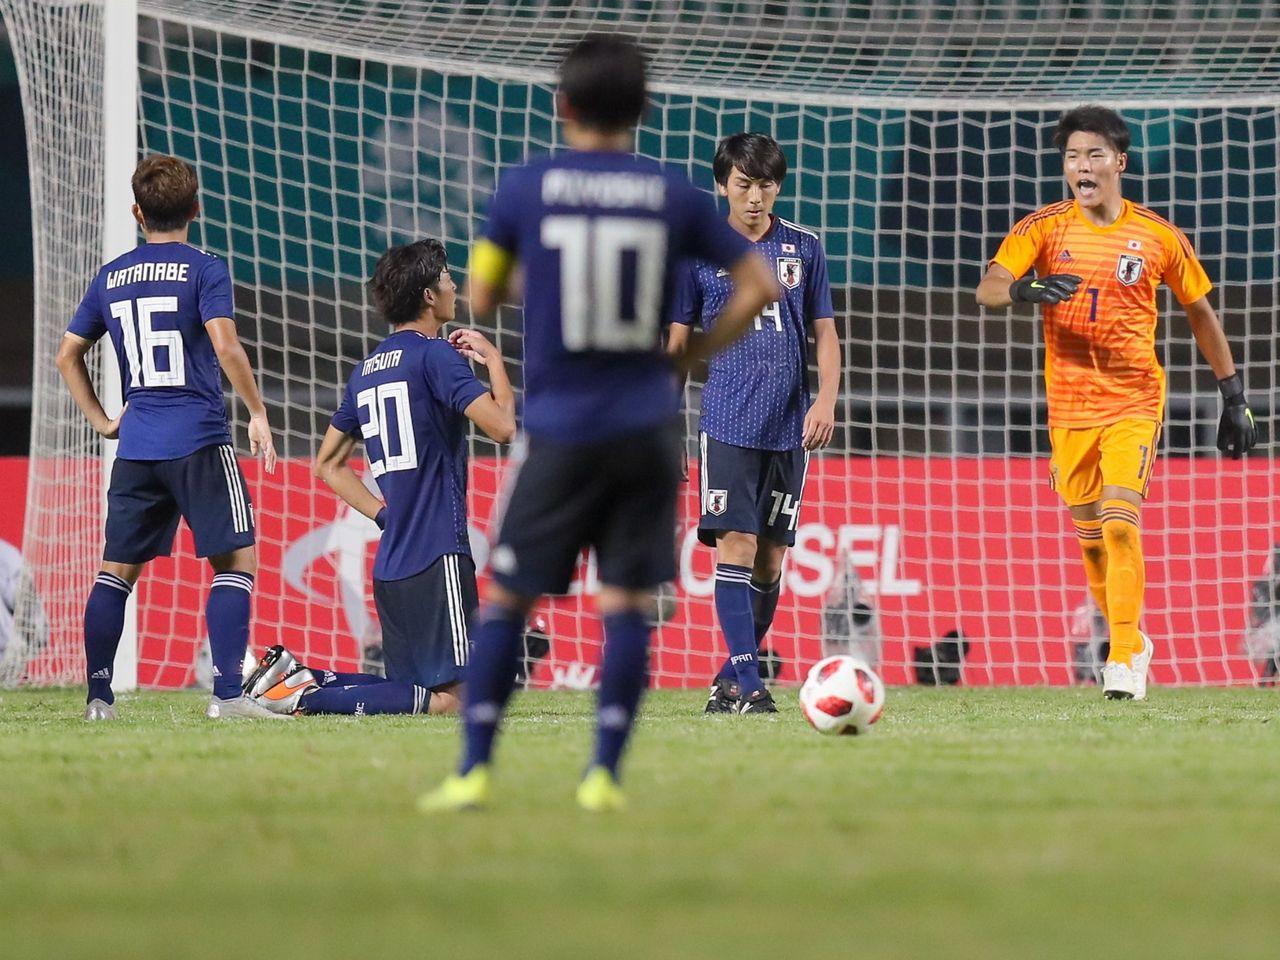 【スポーツ】(アジア大会)惜敗!サッカーU21日本代表対U23韓国代表、延長戦1−2で銀メダル